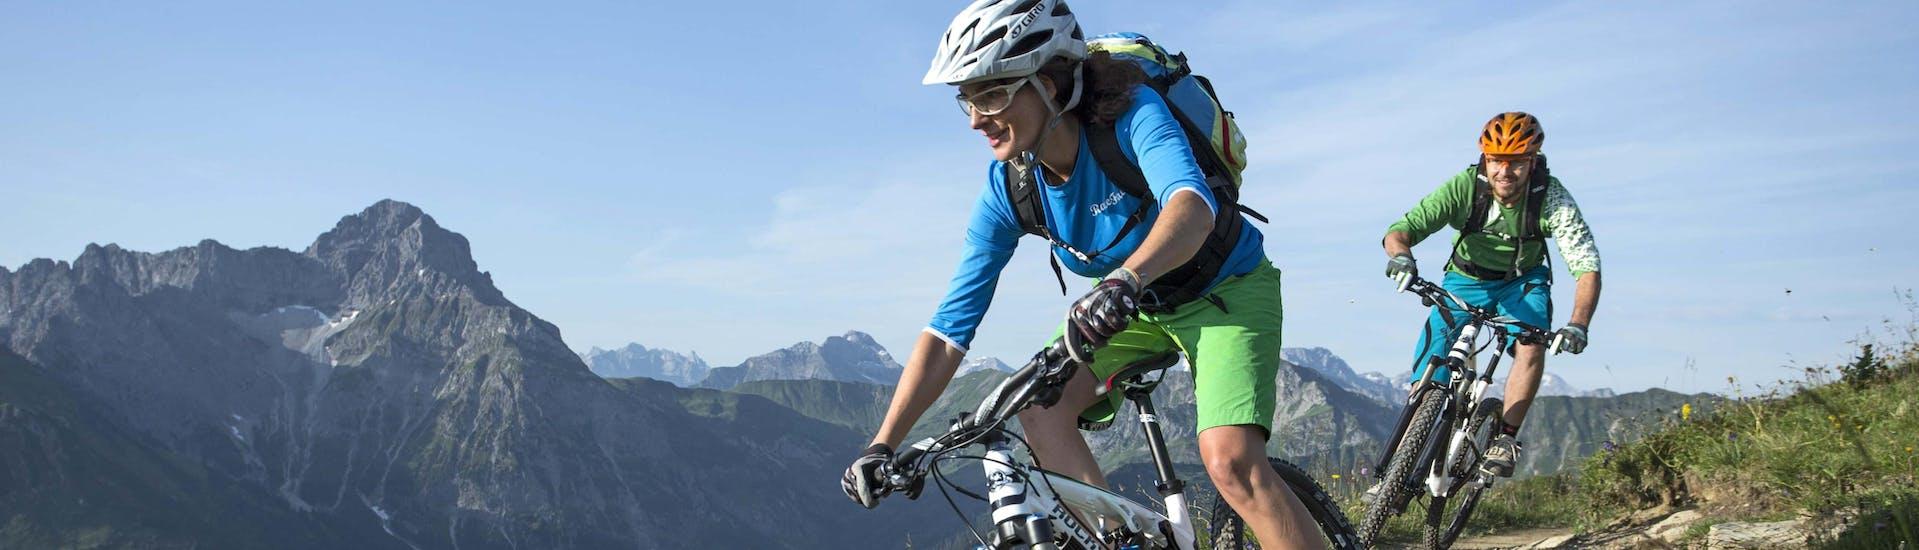 Mountain Biking (c) Shutterstock